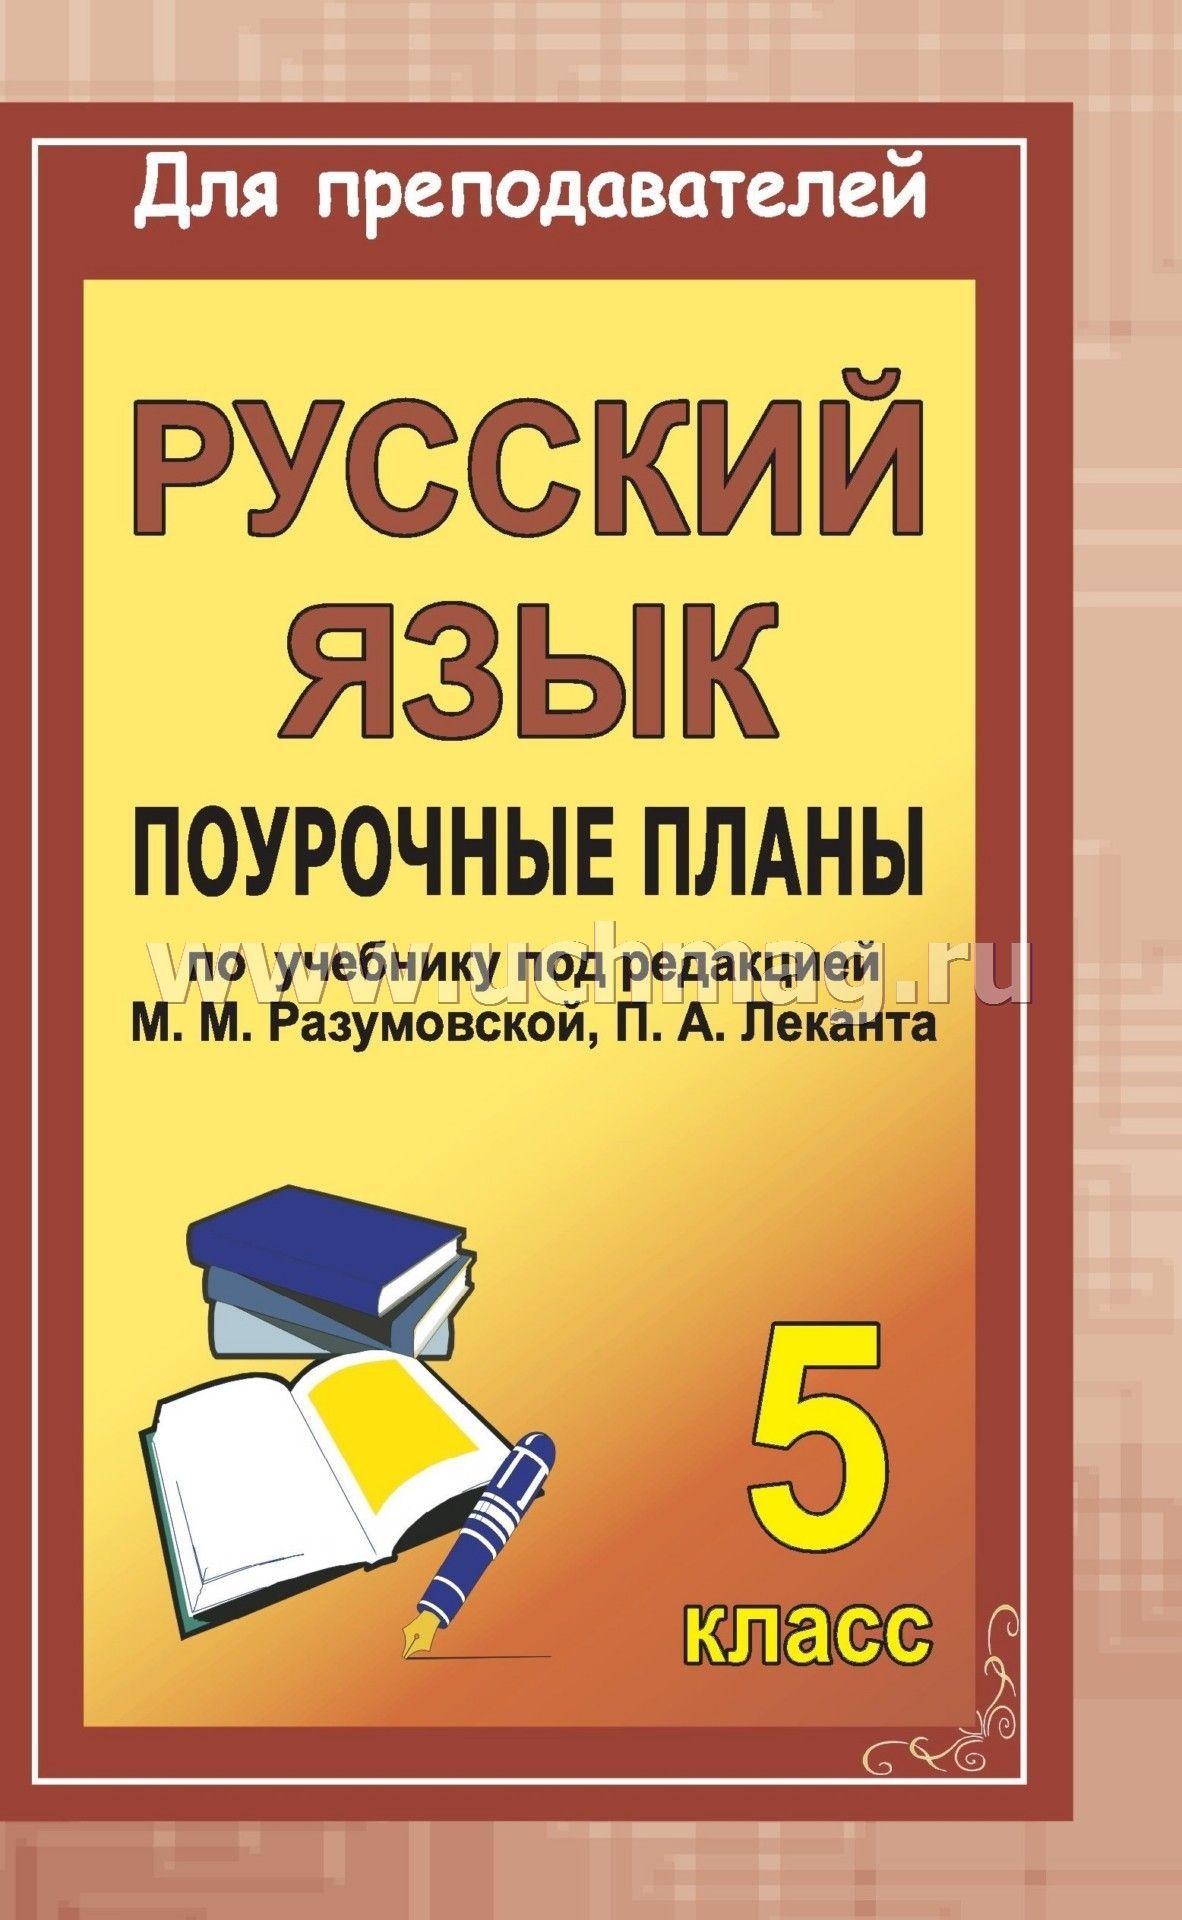 Скачать учебник ро русскому для 9 класса разумовская в формата pgt